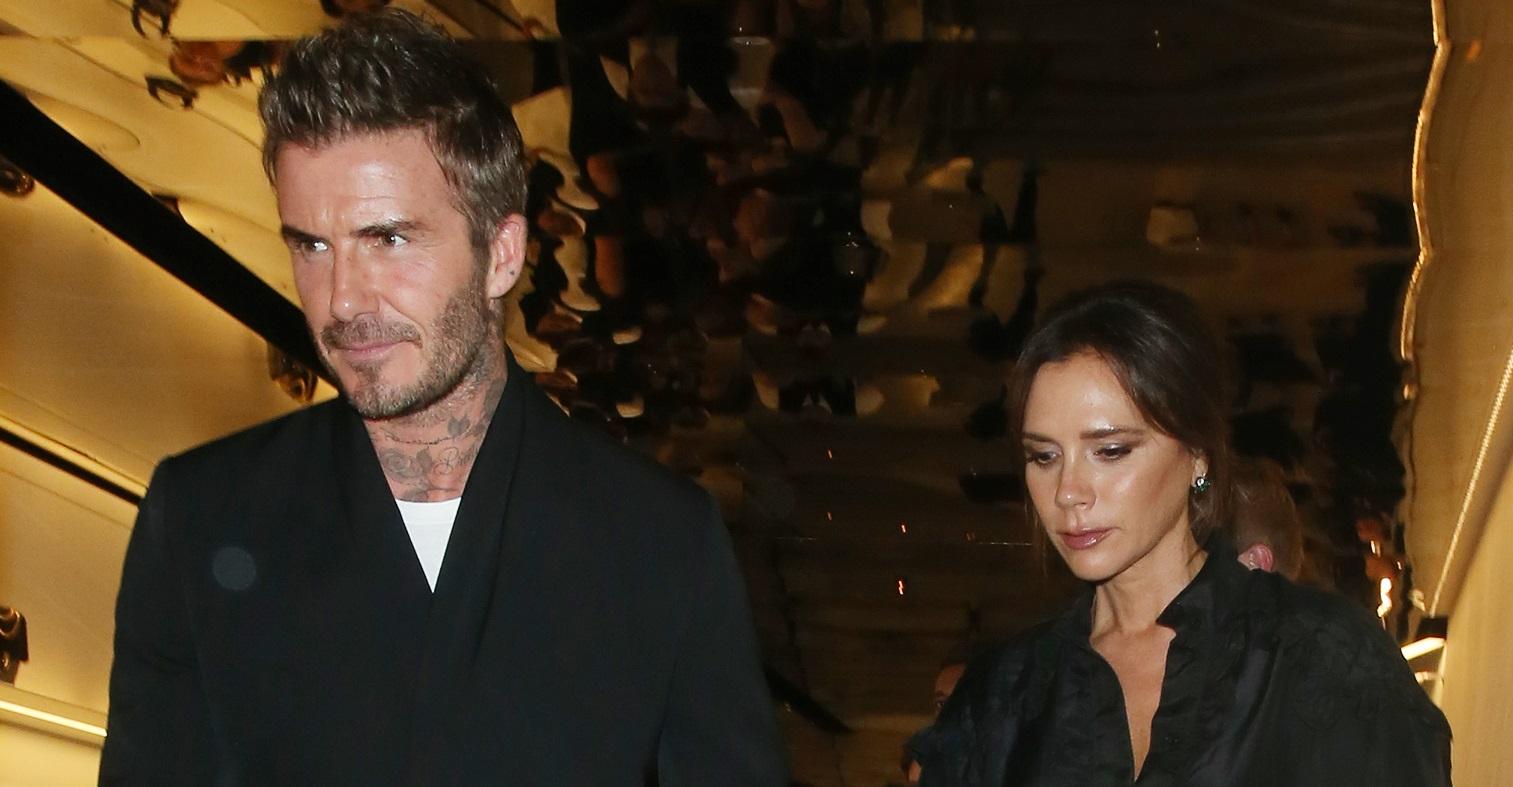 David Beckham brutally mocks Victoria as their son Cruz shares rare photo of her smiling